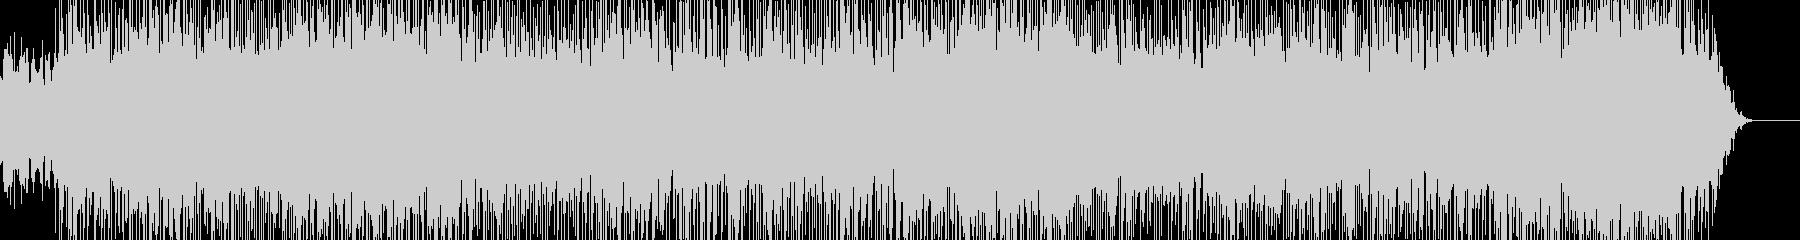 ピアノ・ストリングス 小春日和をイメージの未再生の波形